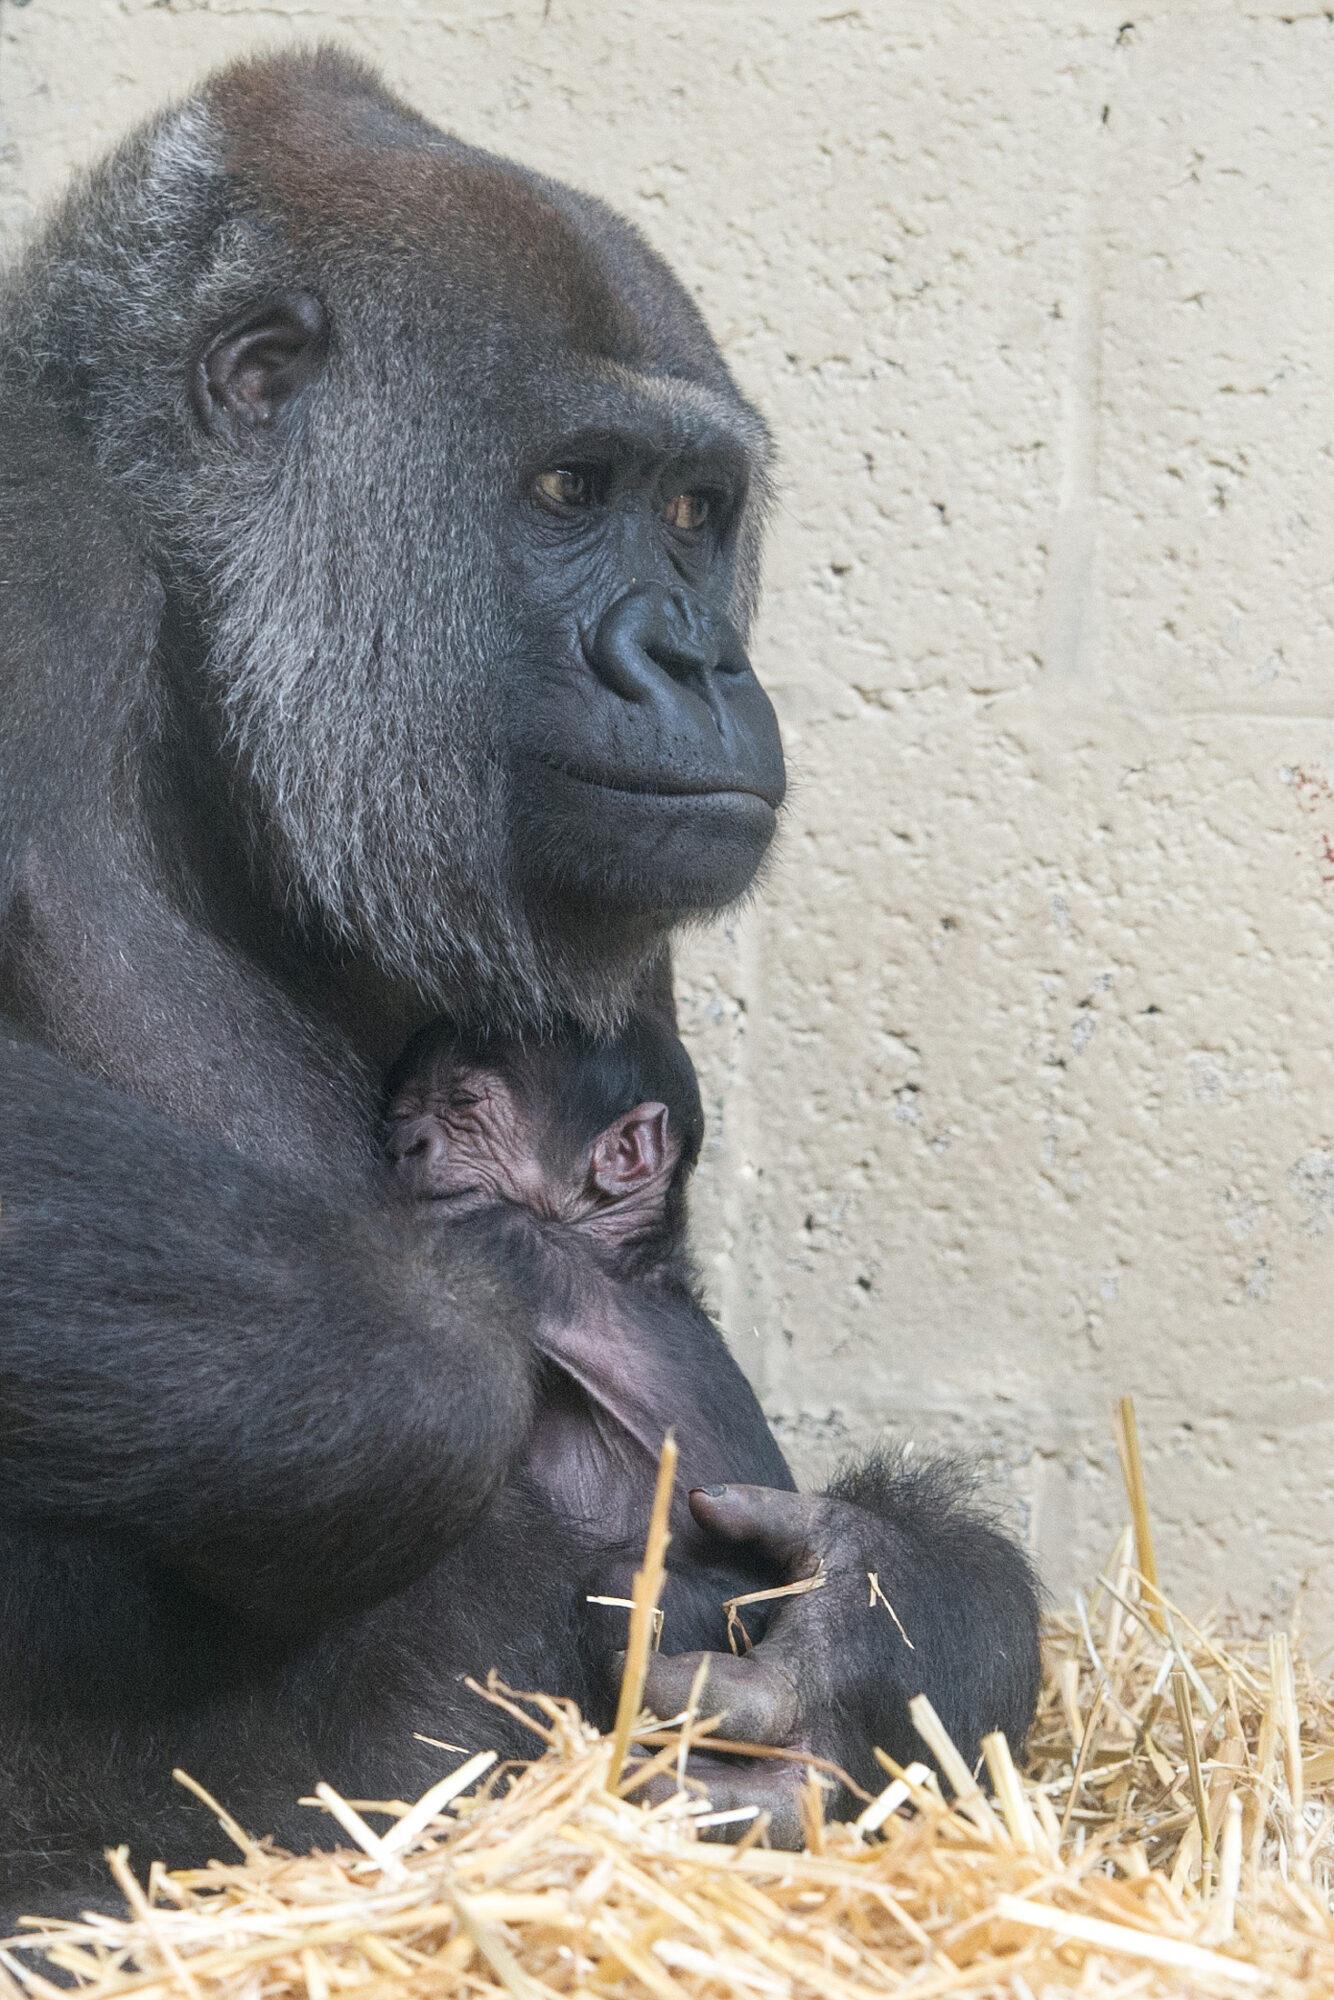 Hoe gaat de gorilla heten?